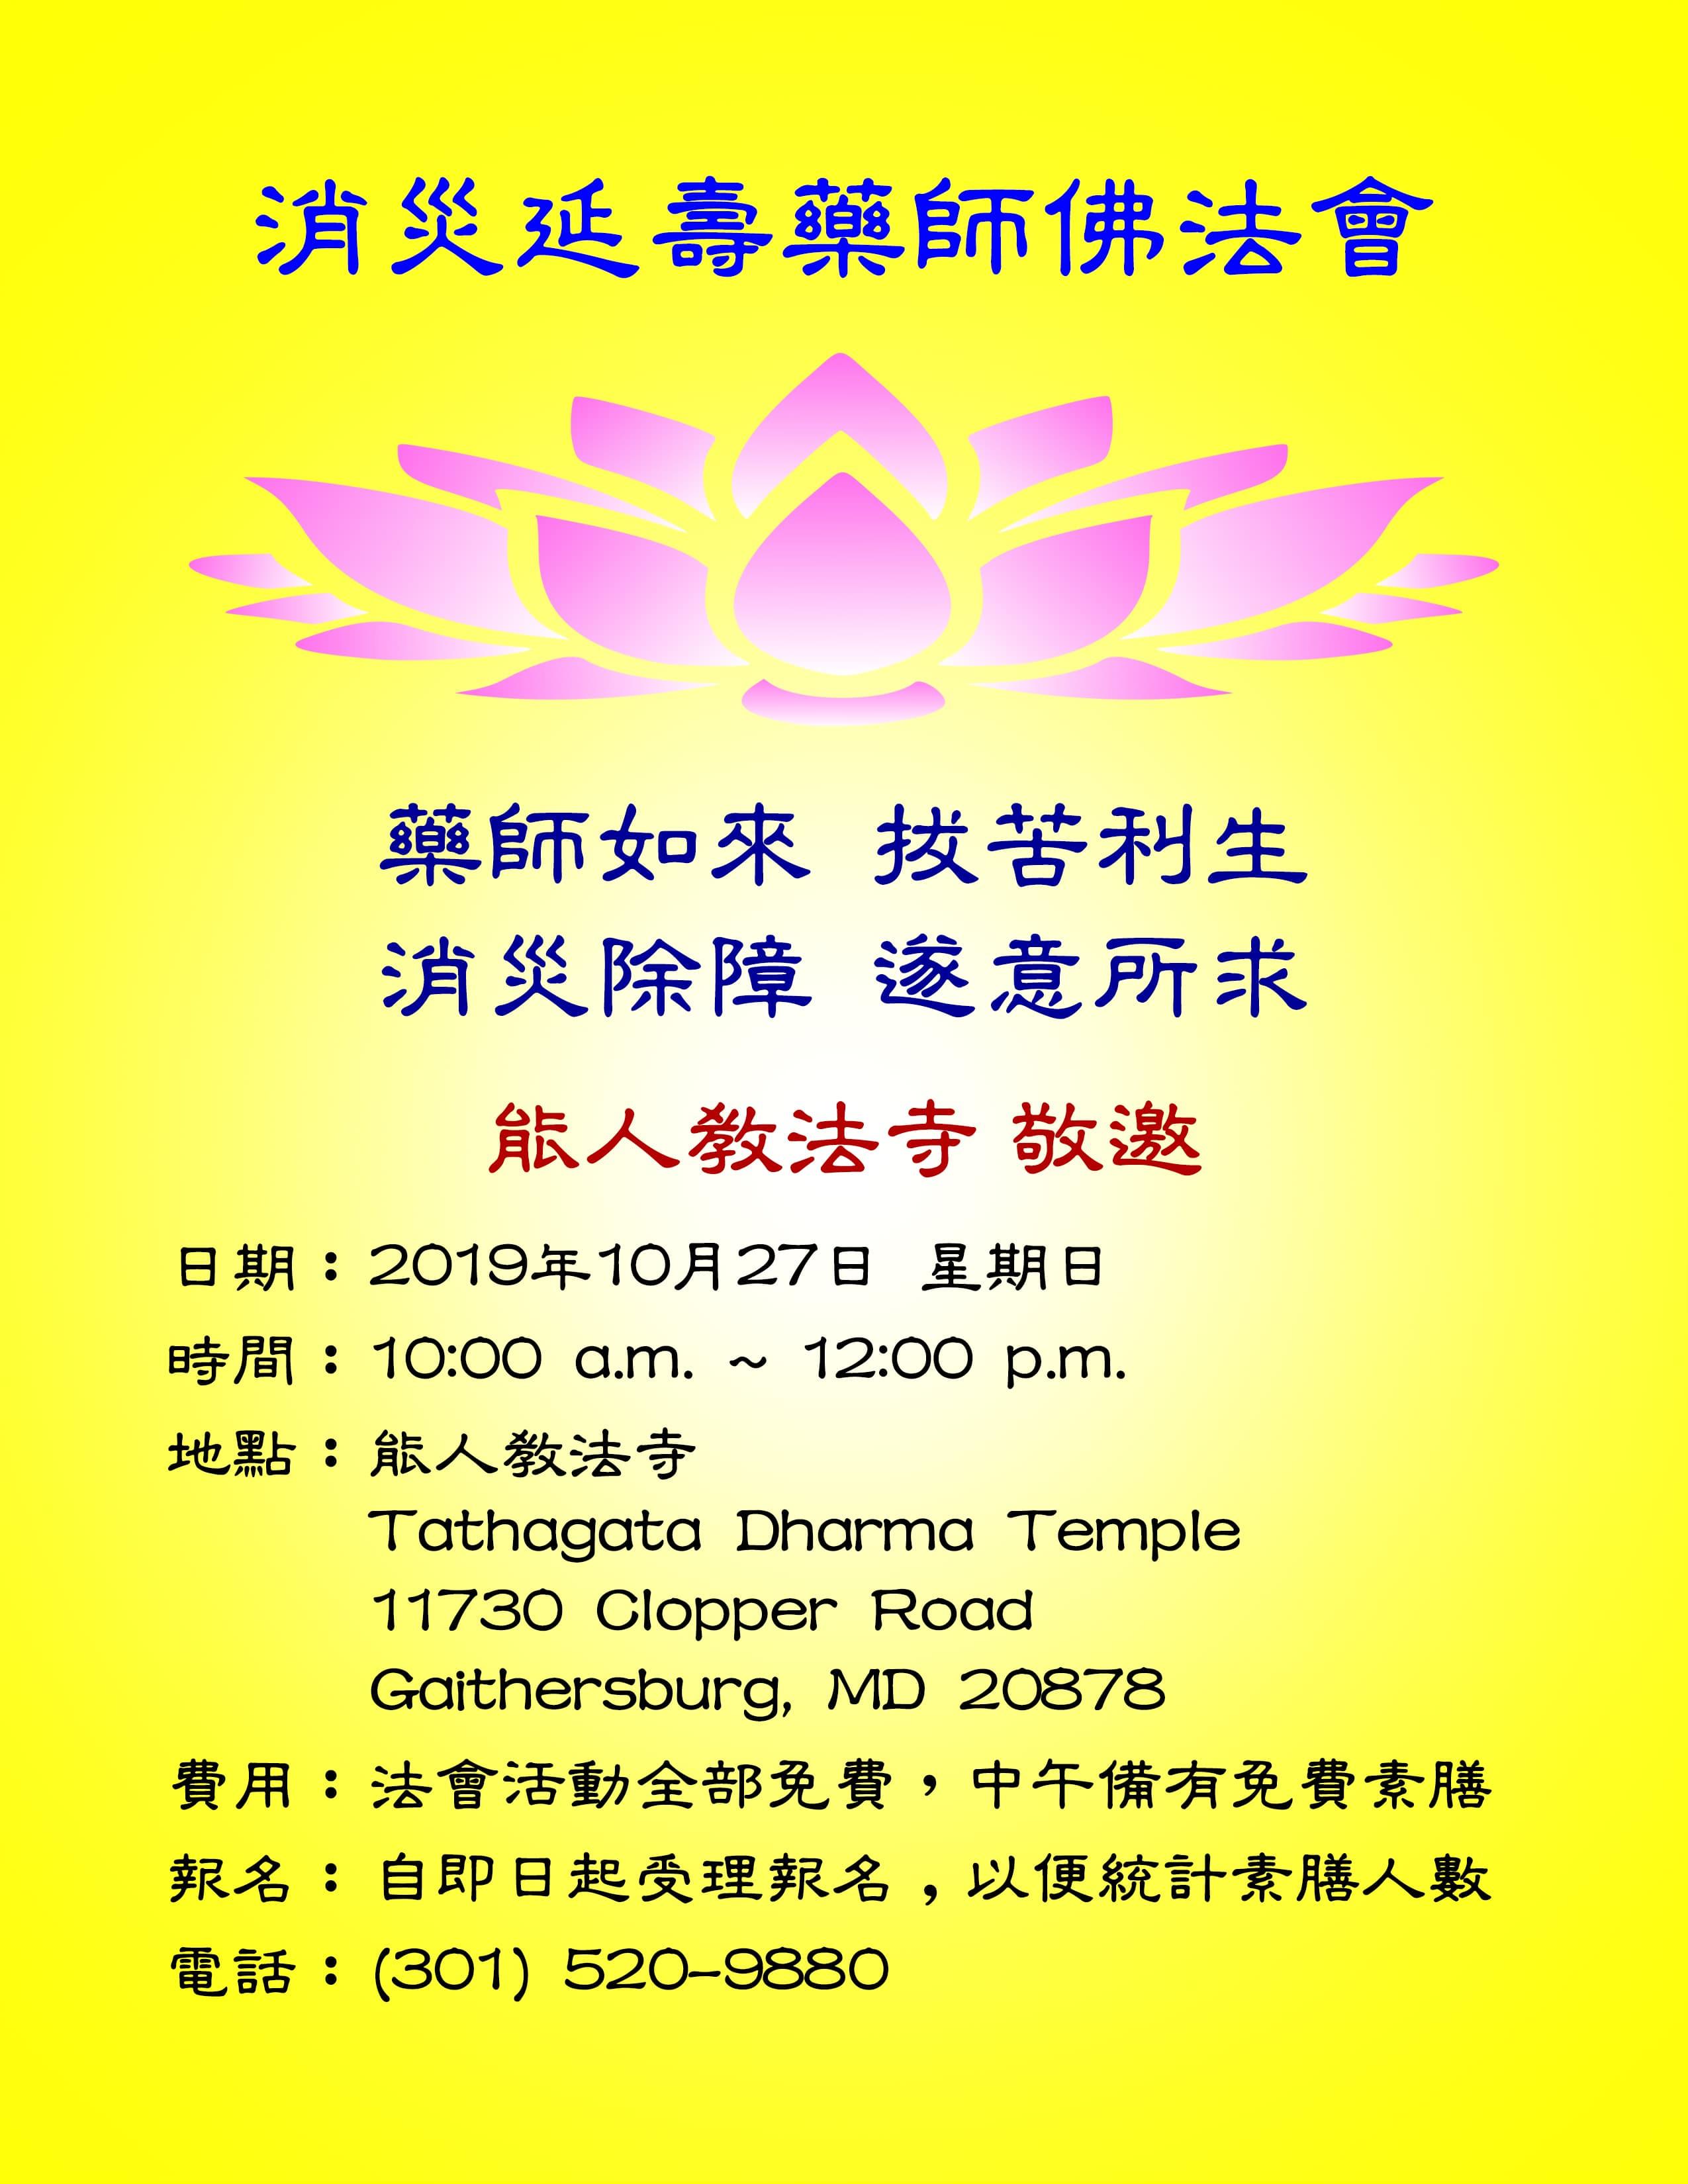 藥師佛法會Medicine Buddha Dharma Assembly